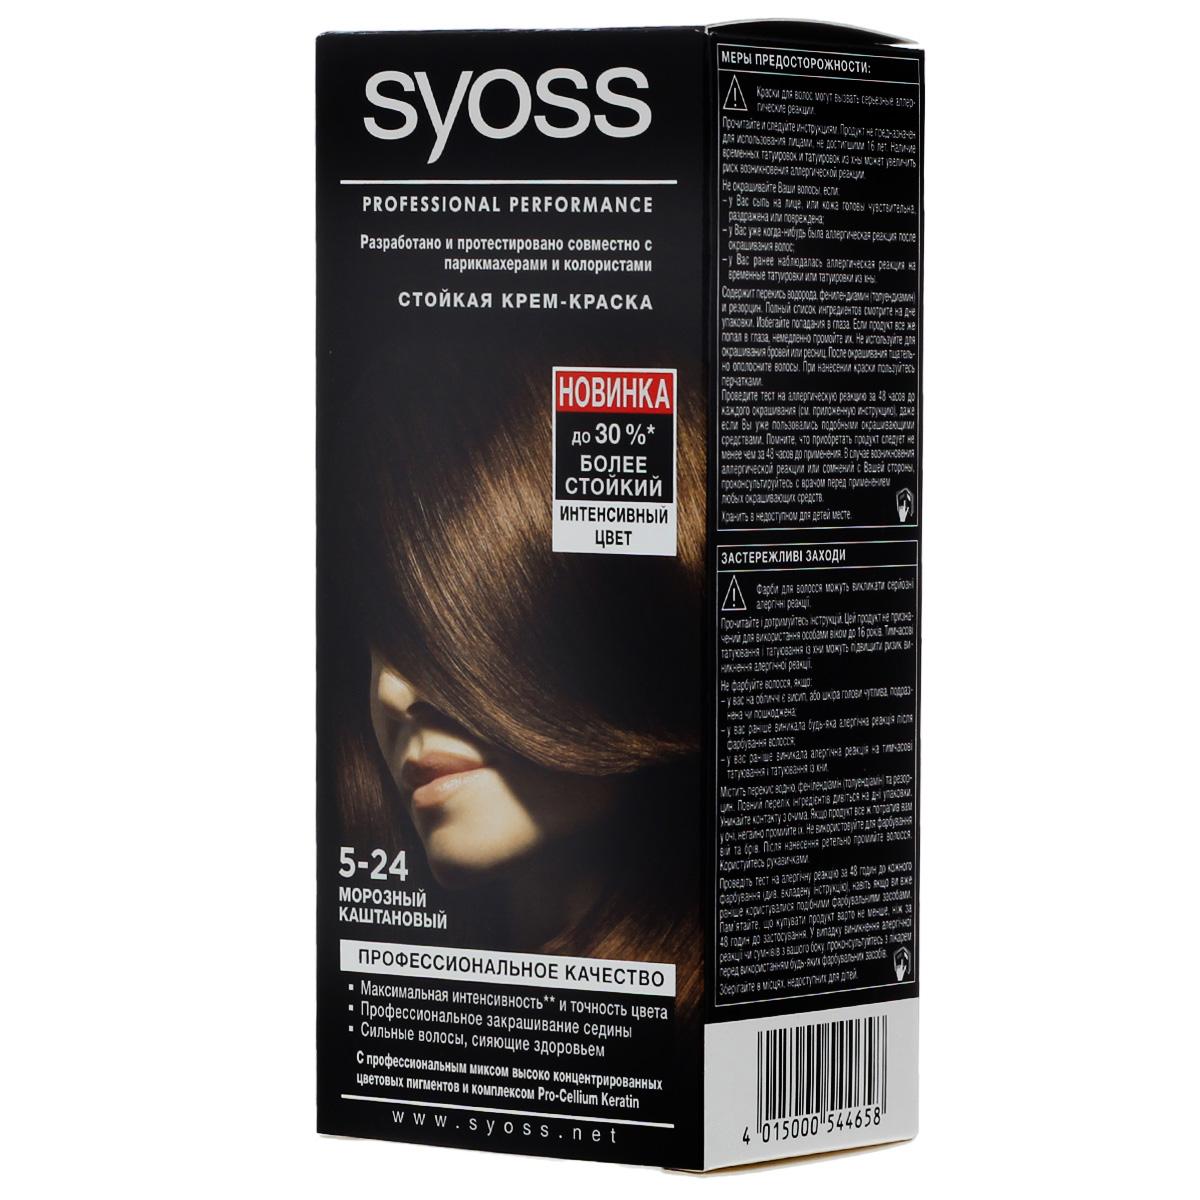 Syoss Color Краска для волос оттенок 5-24 Морозный каштановый, 115 мл